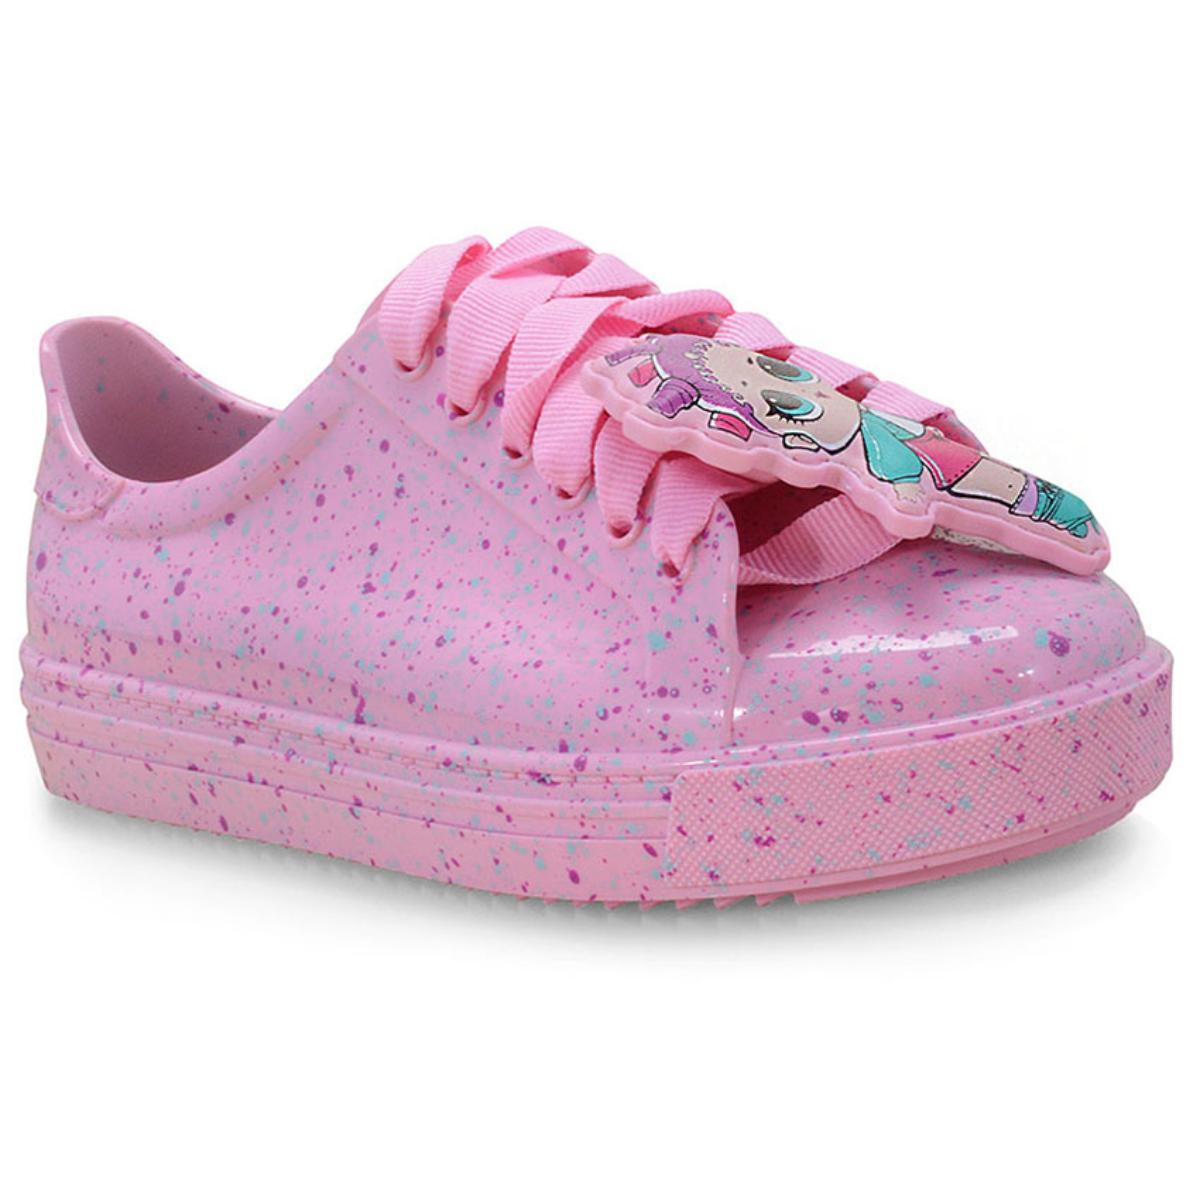 Tênis Fem Infantil Grendene 22125 01358 Lol Colors Rosa Candy